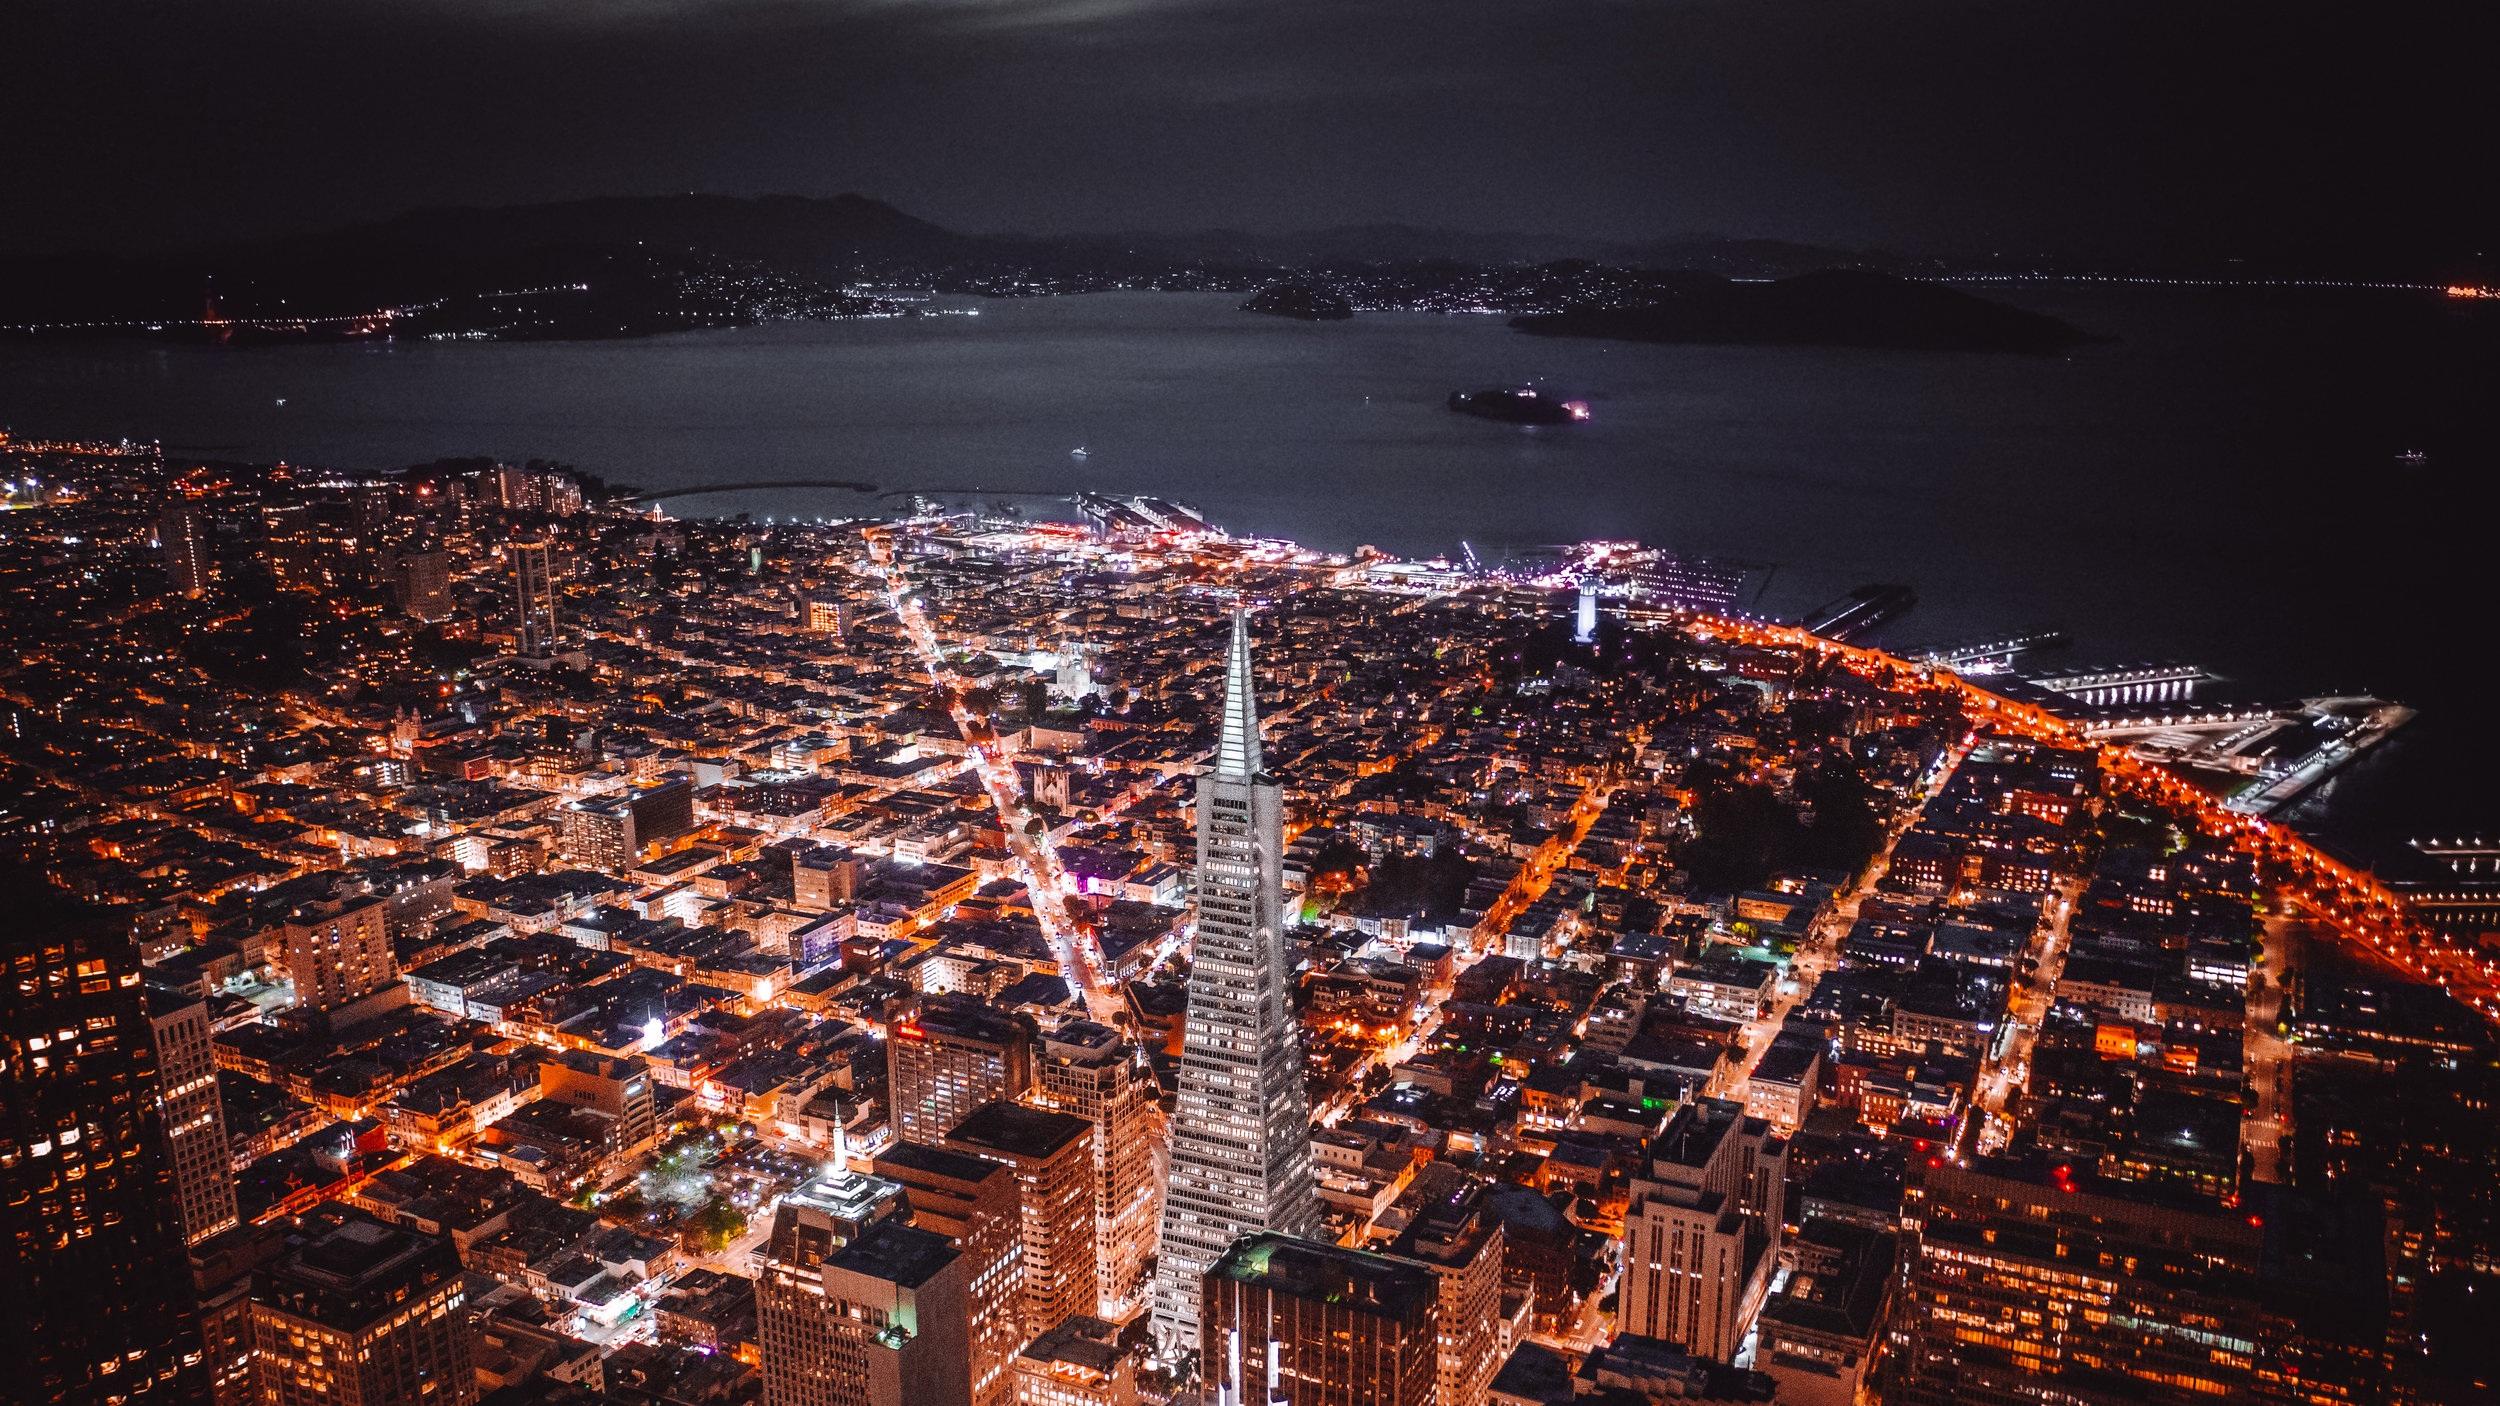 City Tour med buss och helikopter - Vill du uppleva en guidad stadstur med det lilla extra är detta något för dig. Dagen inleds med att besöka flera av stadens sevärdheter, bland annat Golden Gate-bron och Chinatown via buss. Sedan tar en nervkittlande helikoptertur vid där du får uppleva staden från ovan.